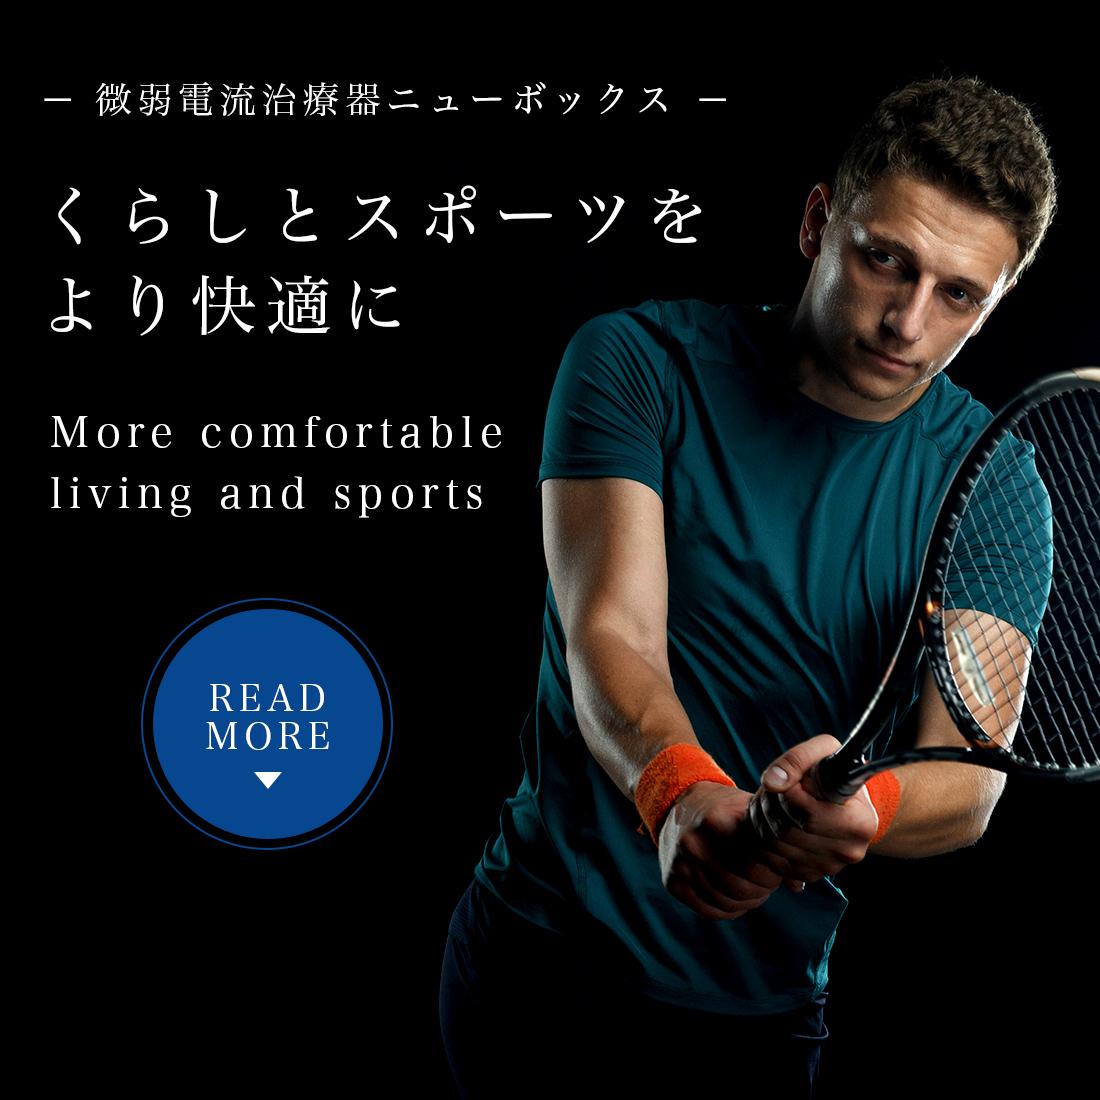 微弱電流治療器ニューボックス くらしとスポーツをより快適に